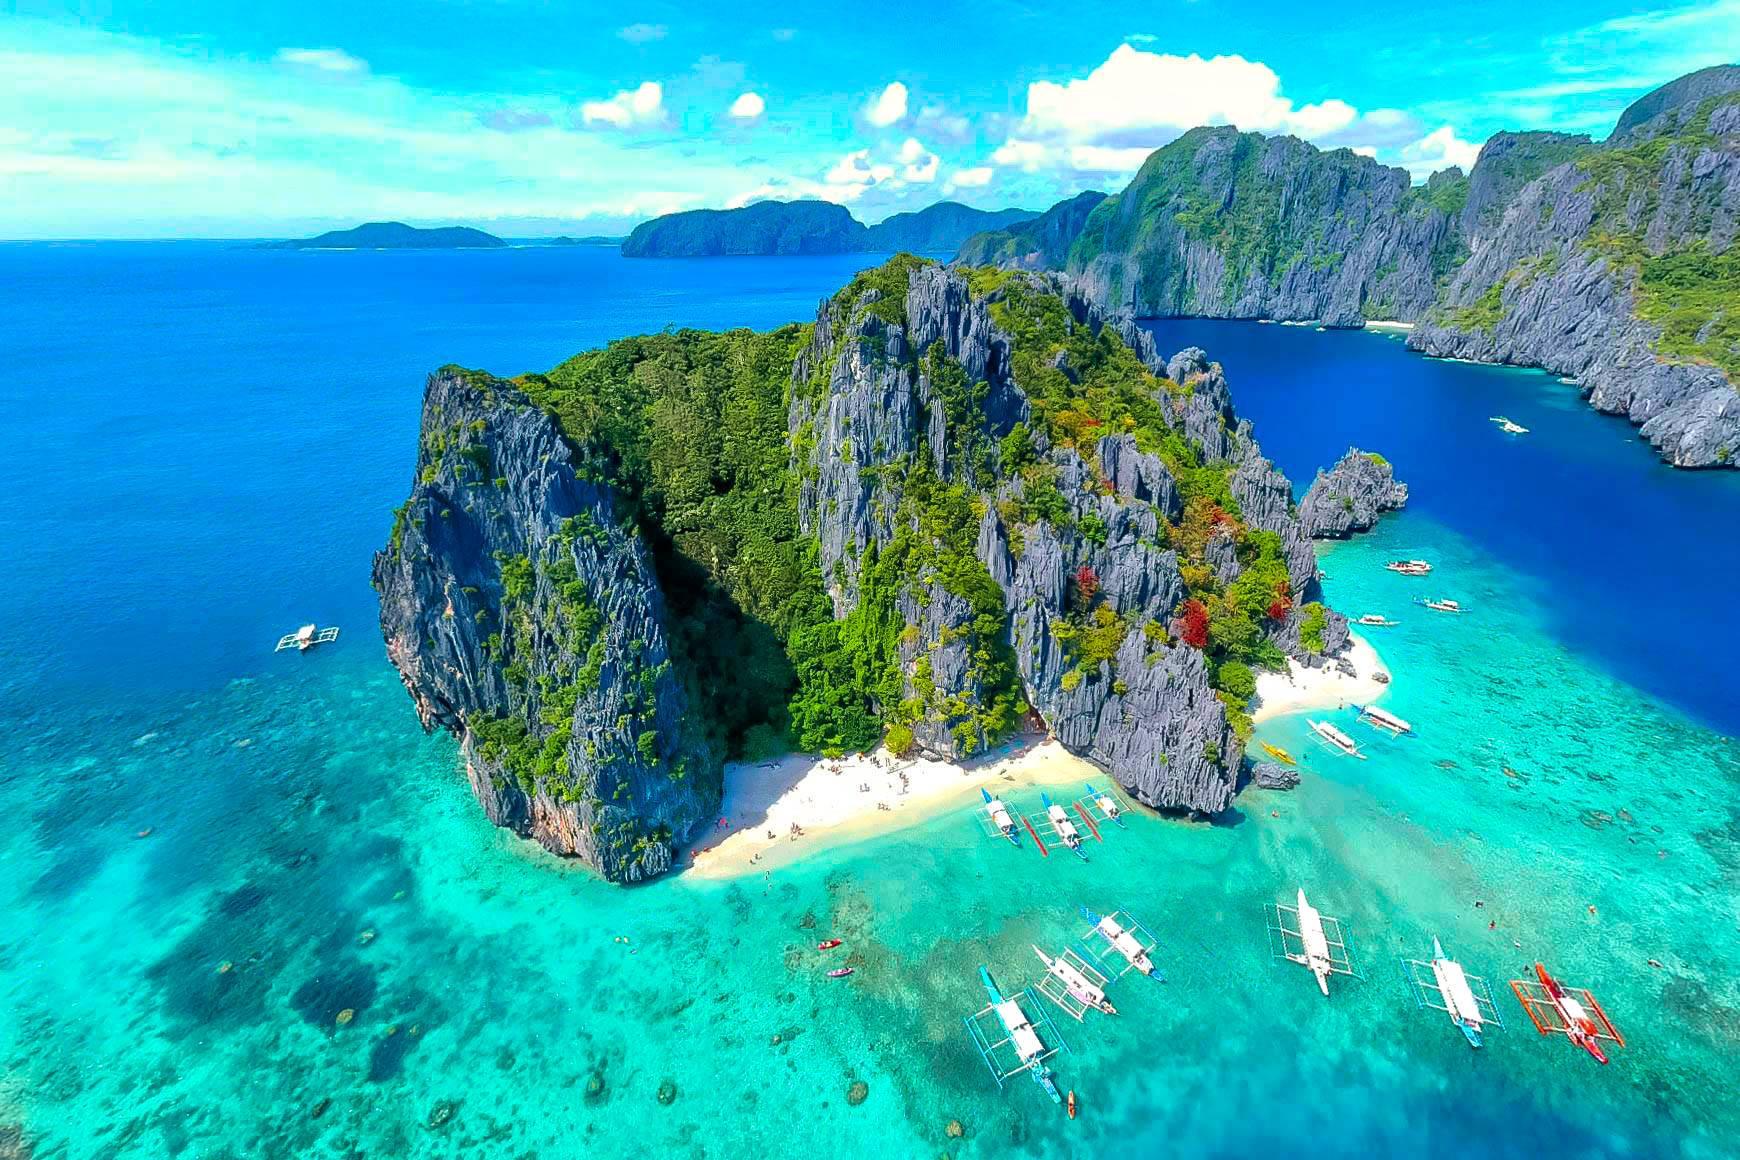 薄荷島之外,菲律賓還有這些推薦島嶼